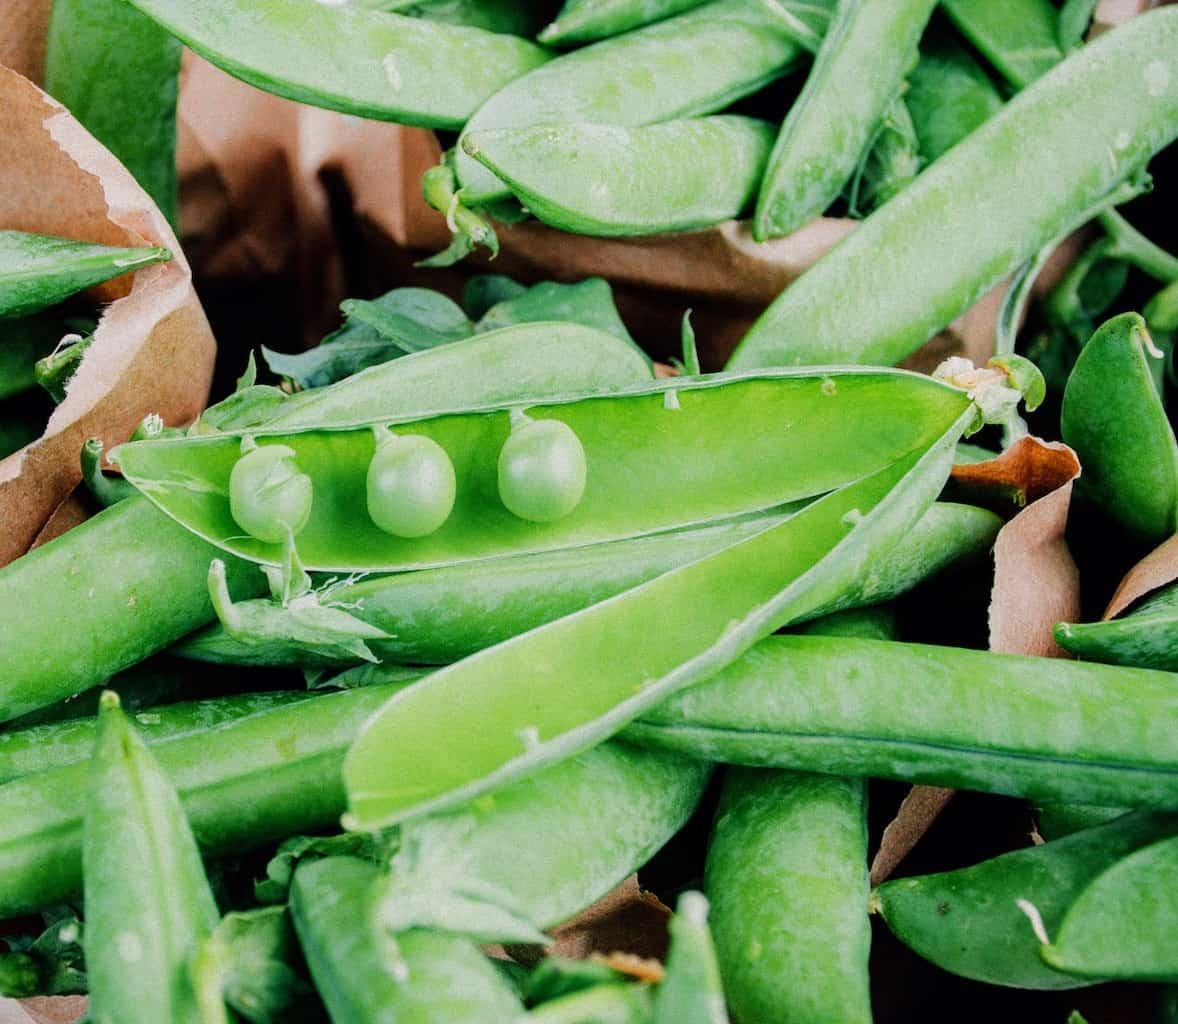 Coltivare Piselli In Vaso piselli nell'orto: insetti parassiti e difesa bio